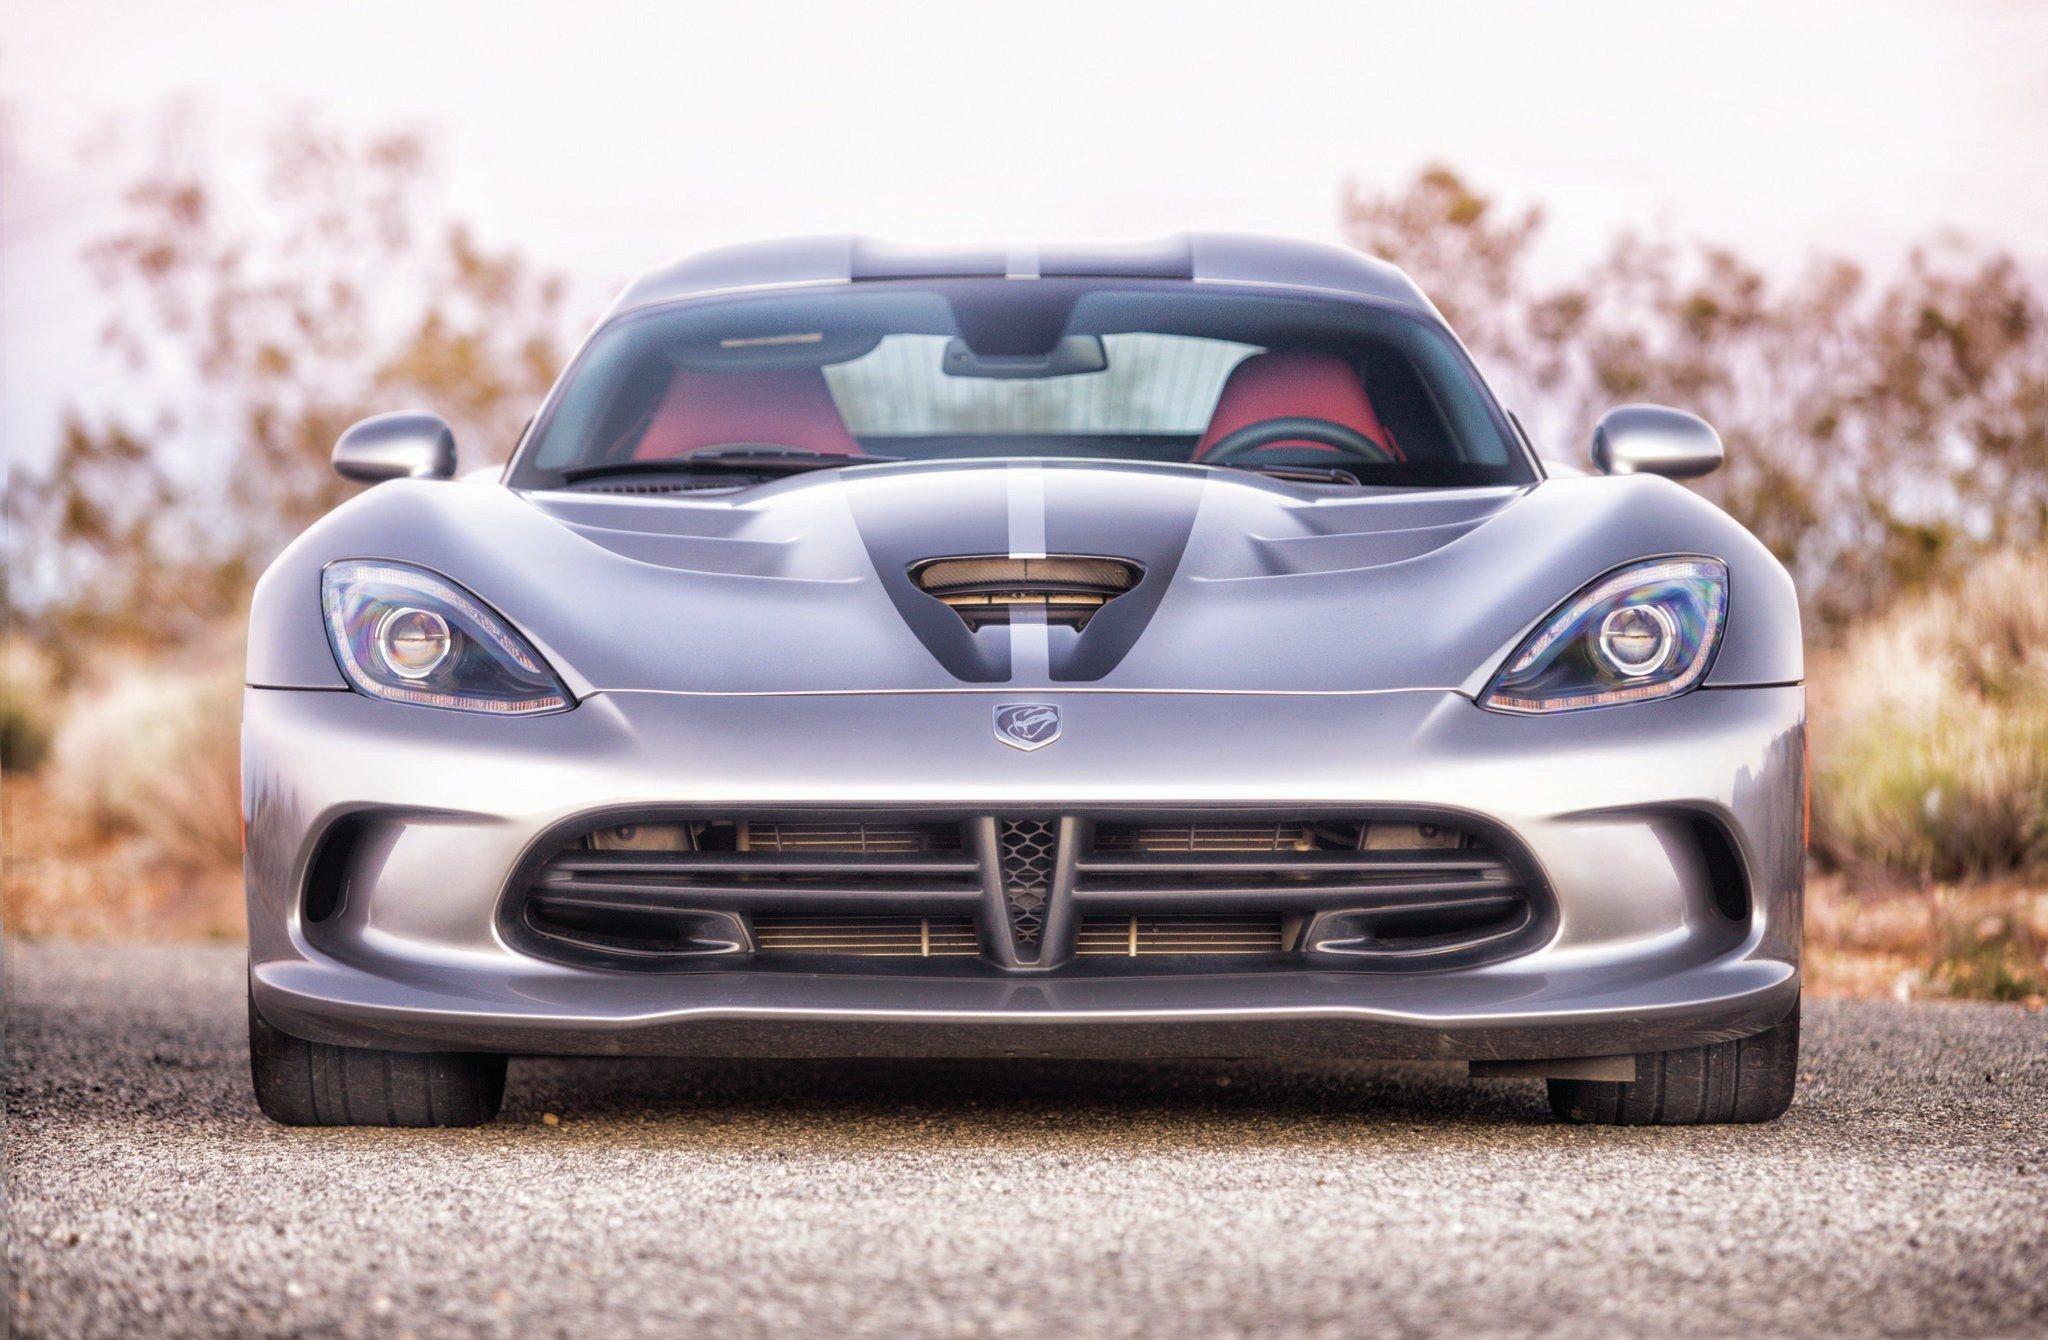 2014 Dodge SRT Viper-02 wallpaper